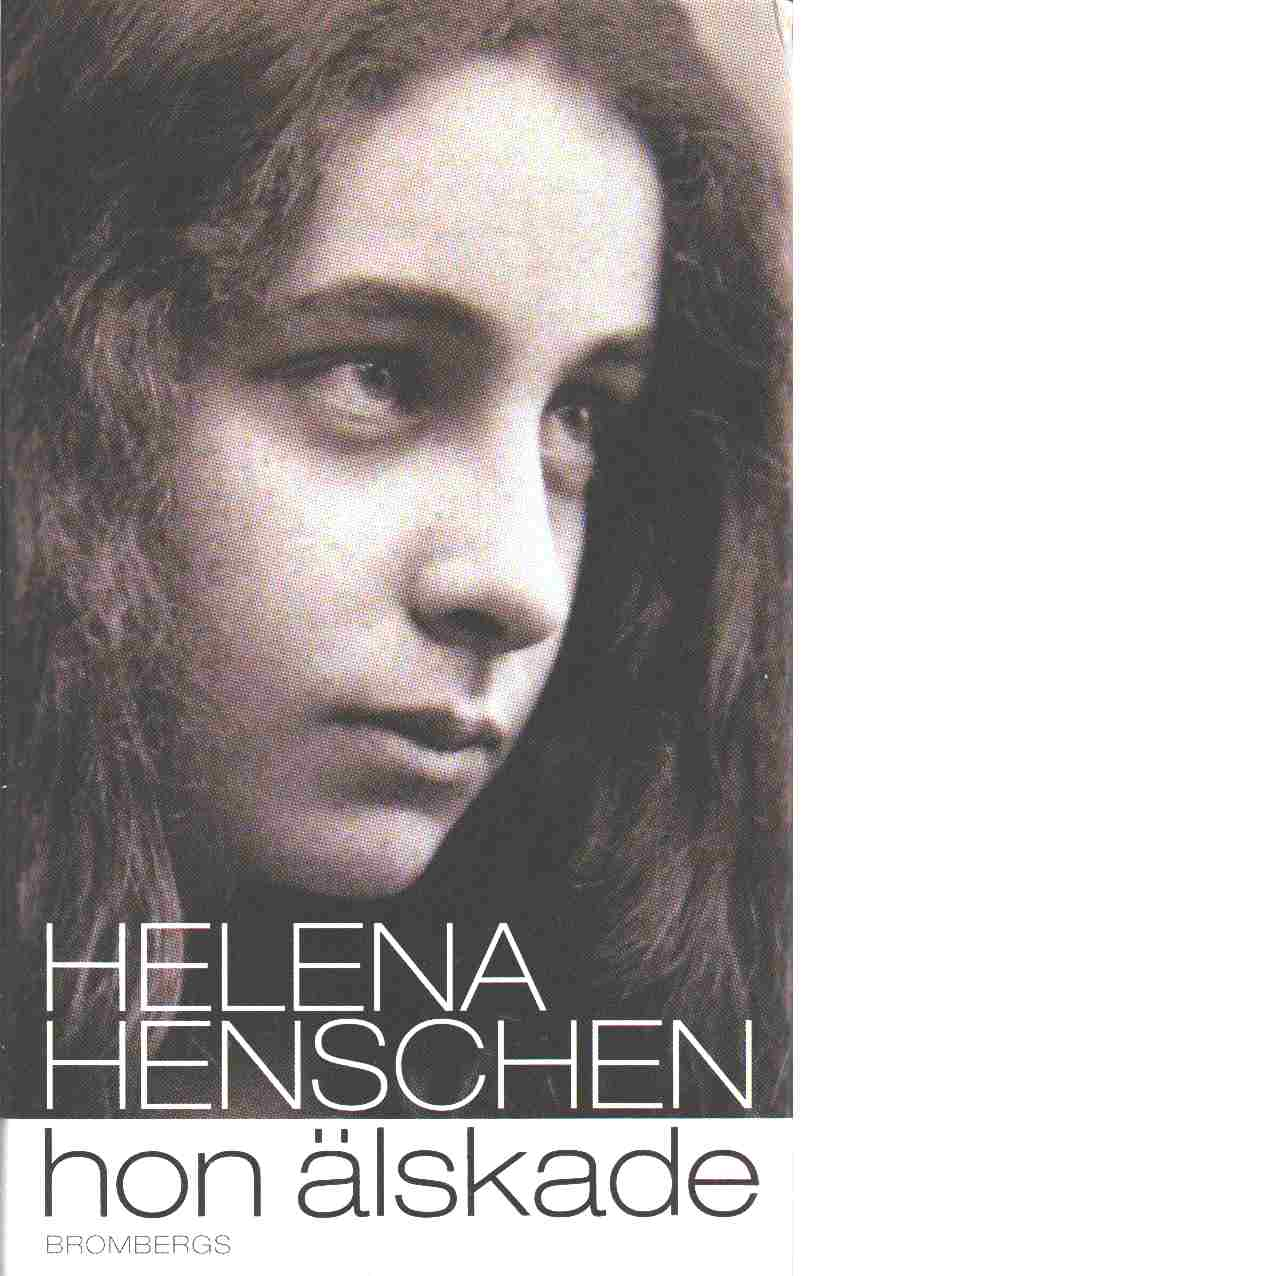 Hon älskade - Henschen, Helena